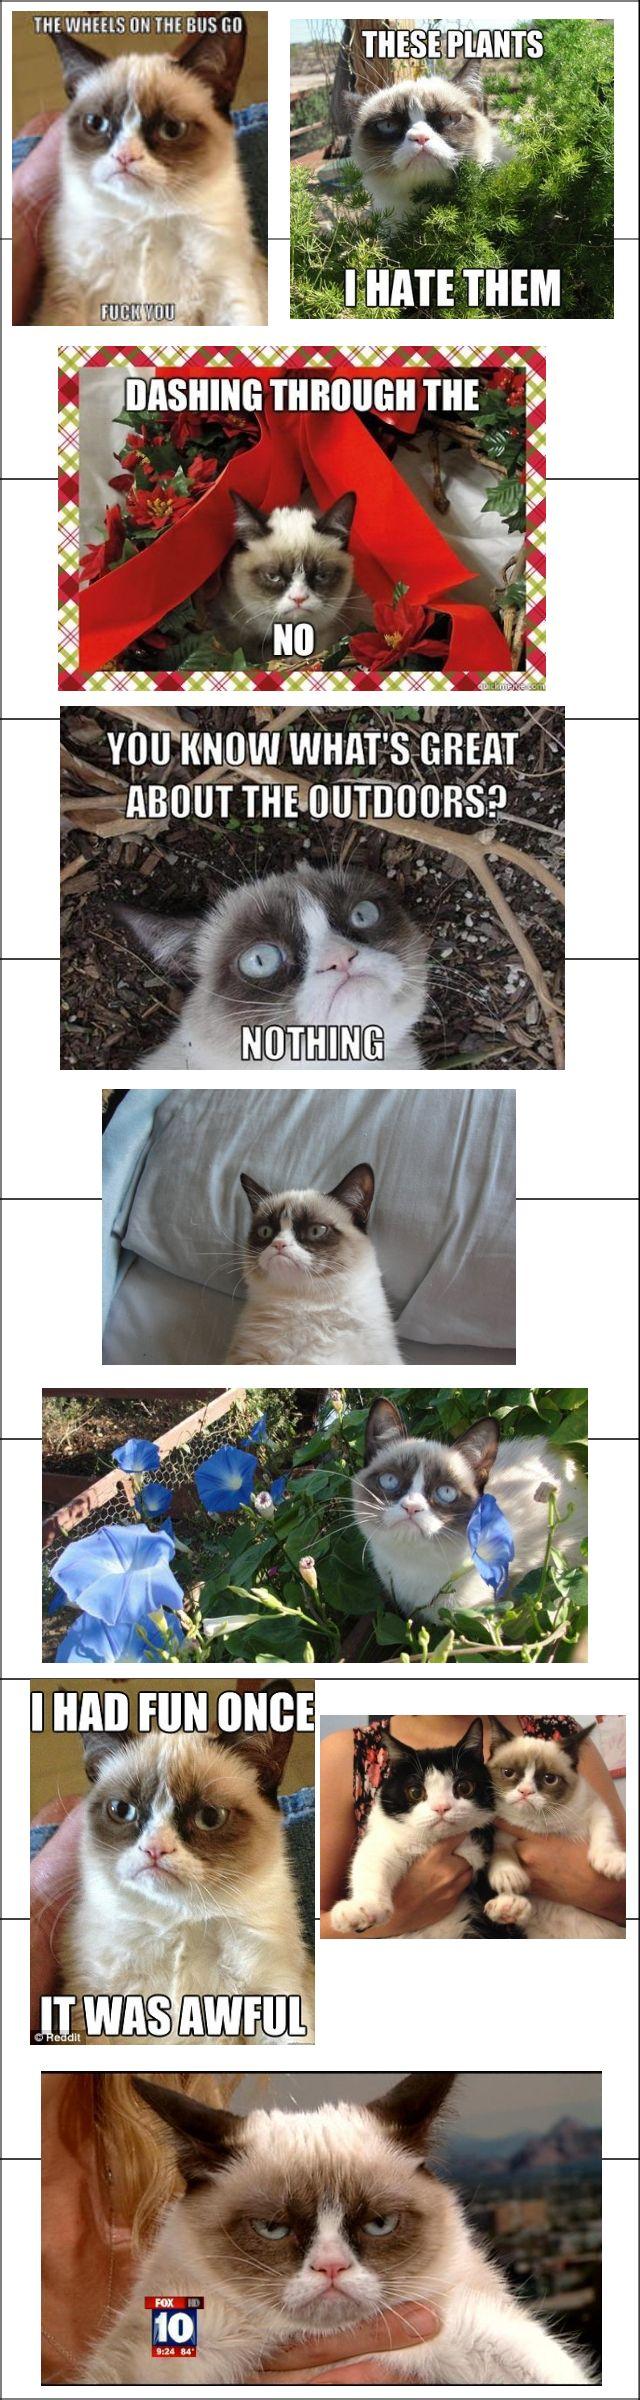 I love Grumpy Cat :)   Grumpy cat   Pinterest   Grumpy cat, Funny and Cats